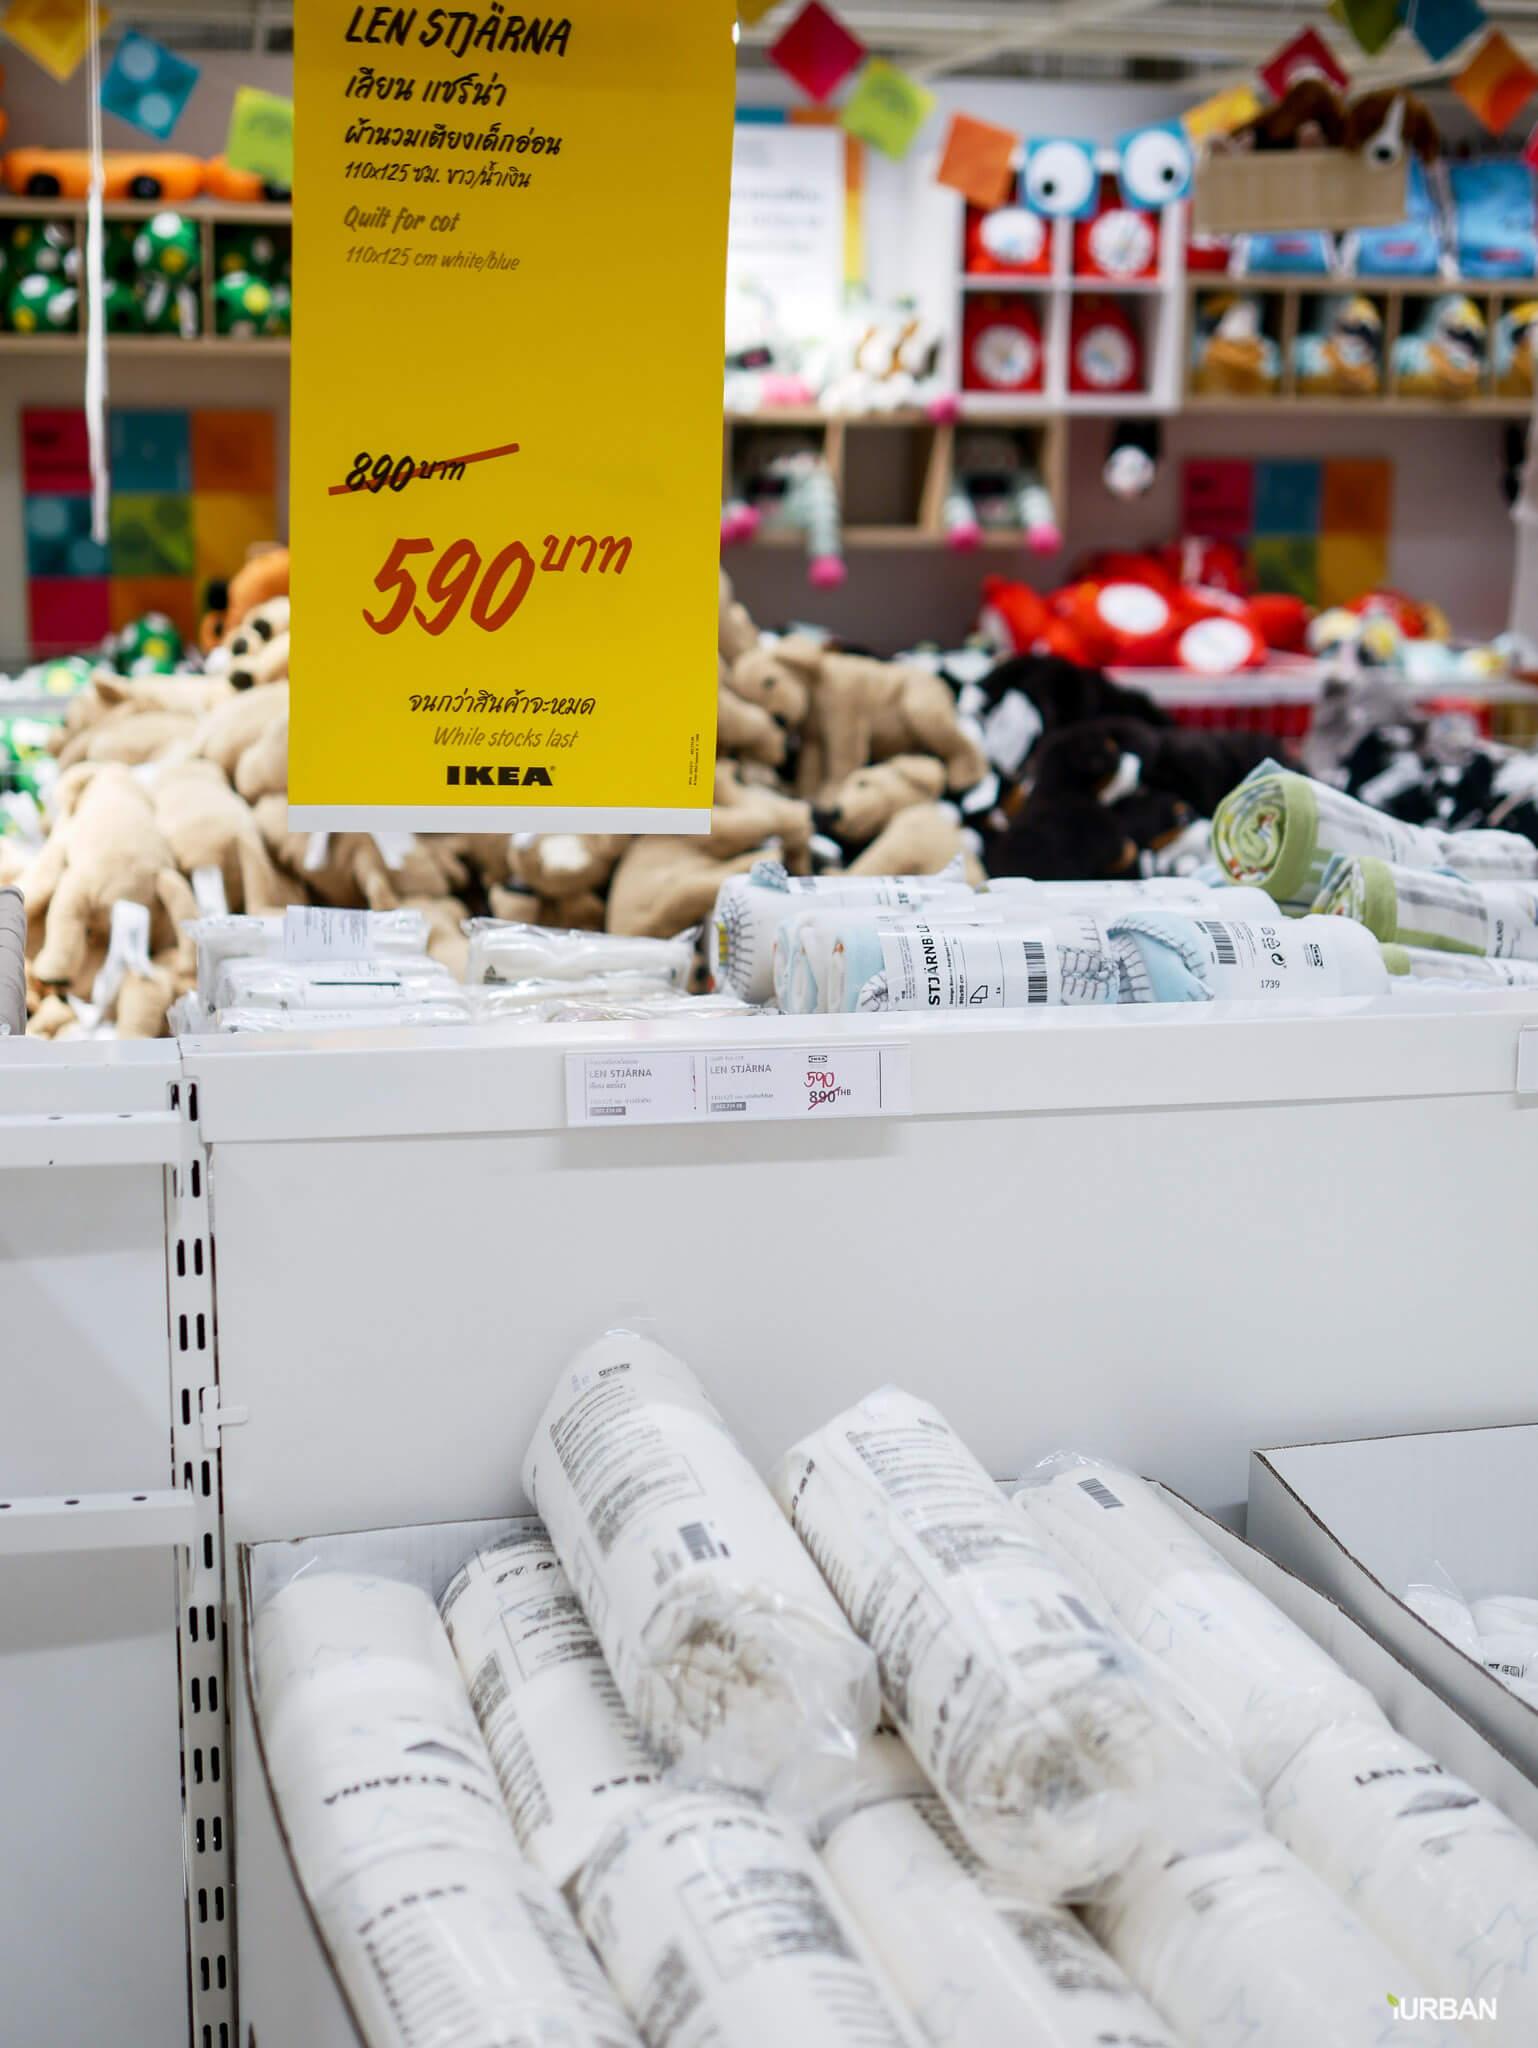 มันเยอะมากกกก!! IKEA Year End SALE 2017 รวมของเซลในอิเกีย ลดเยอะ ลดแหลก รีบพุ่งตัวไป วันนี้ - 7 มกราคม 61 94 - IKEA (อิเกีย)